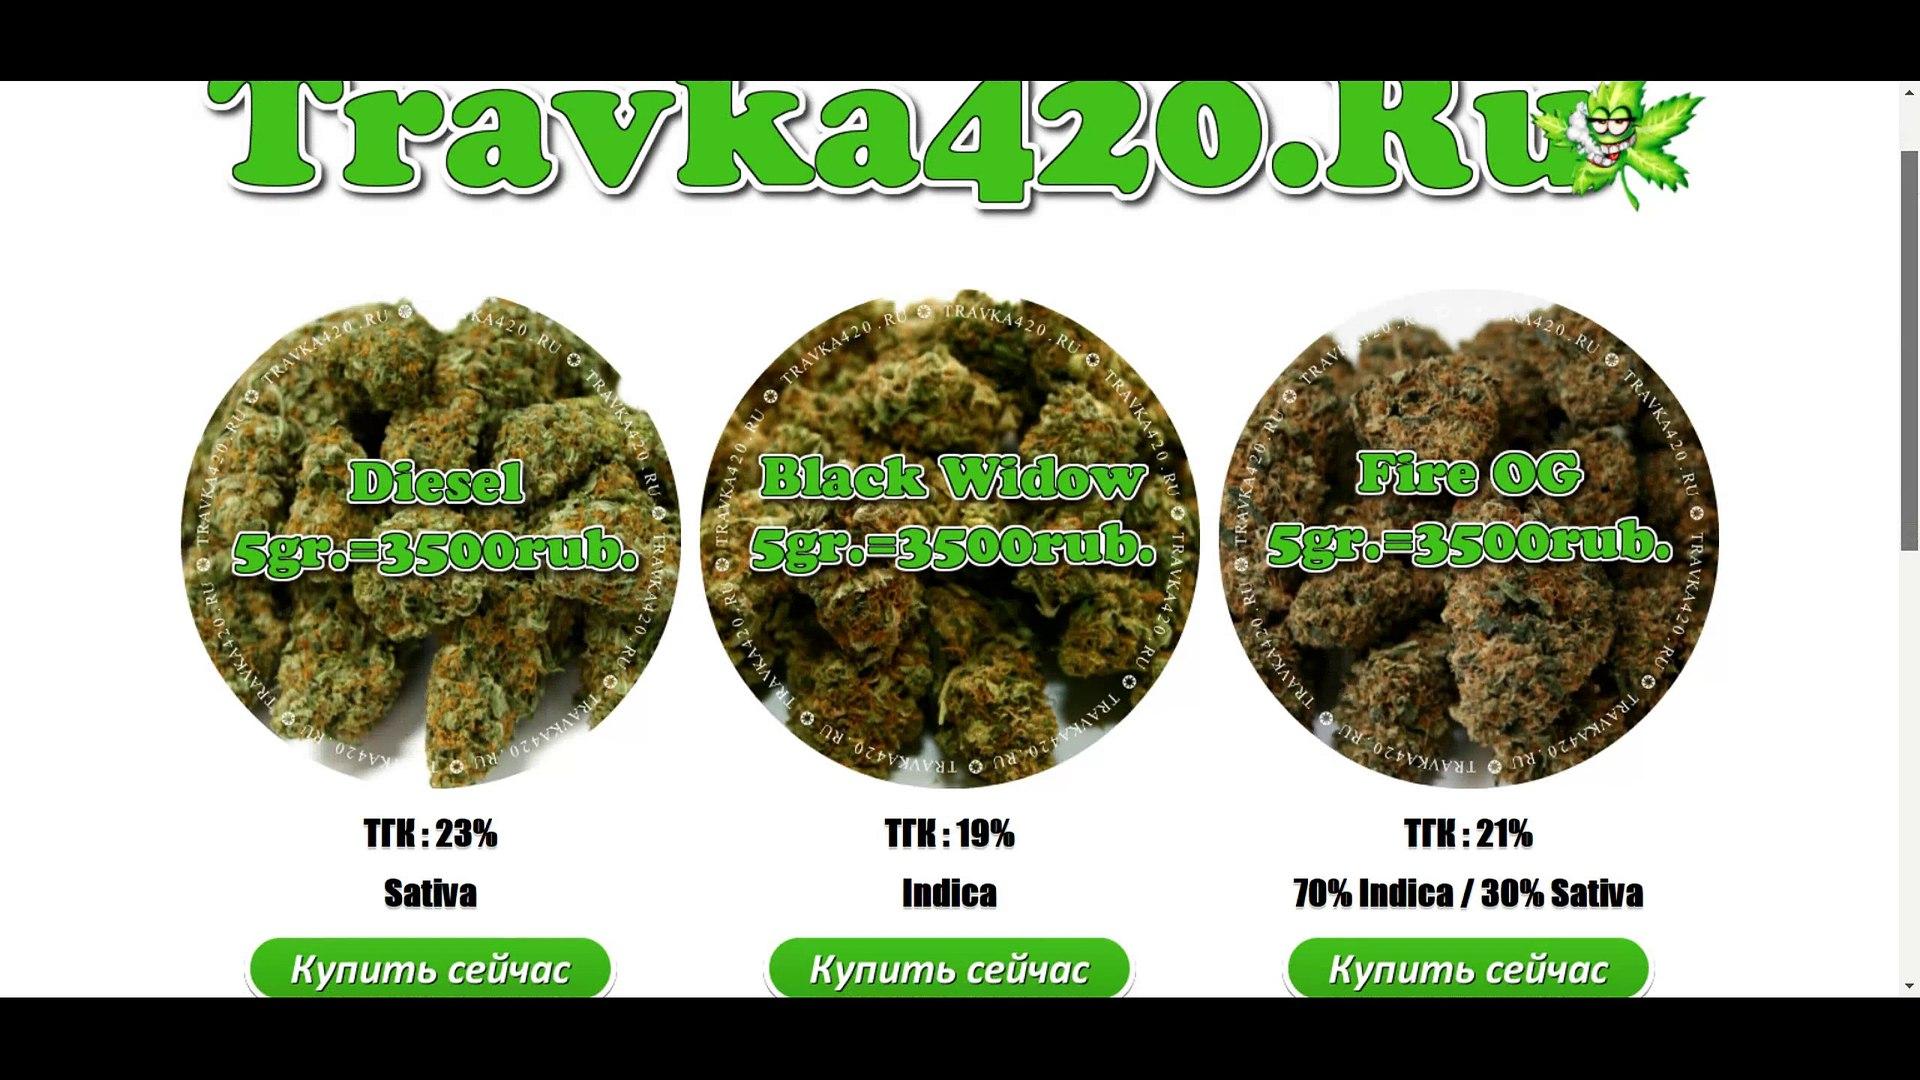 Купить марихуану в хабаровске ук рф конопля марихуана